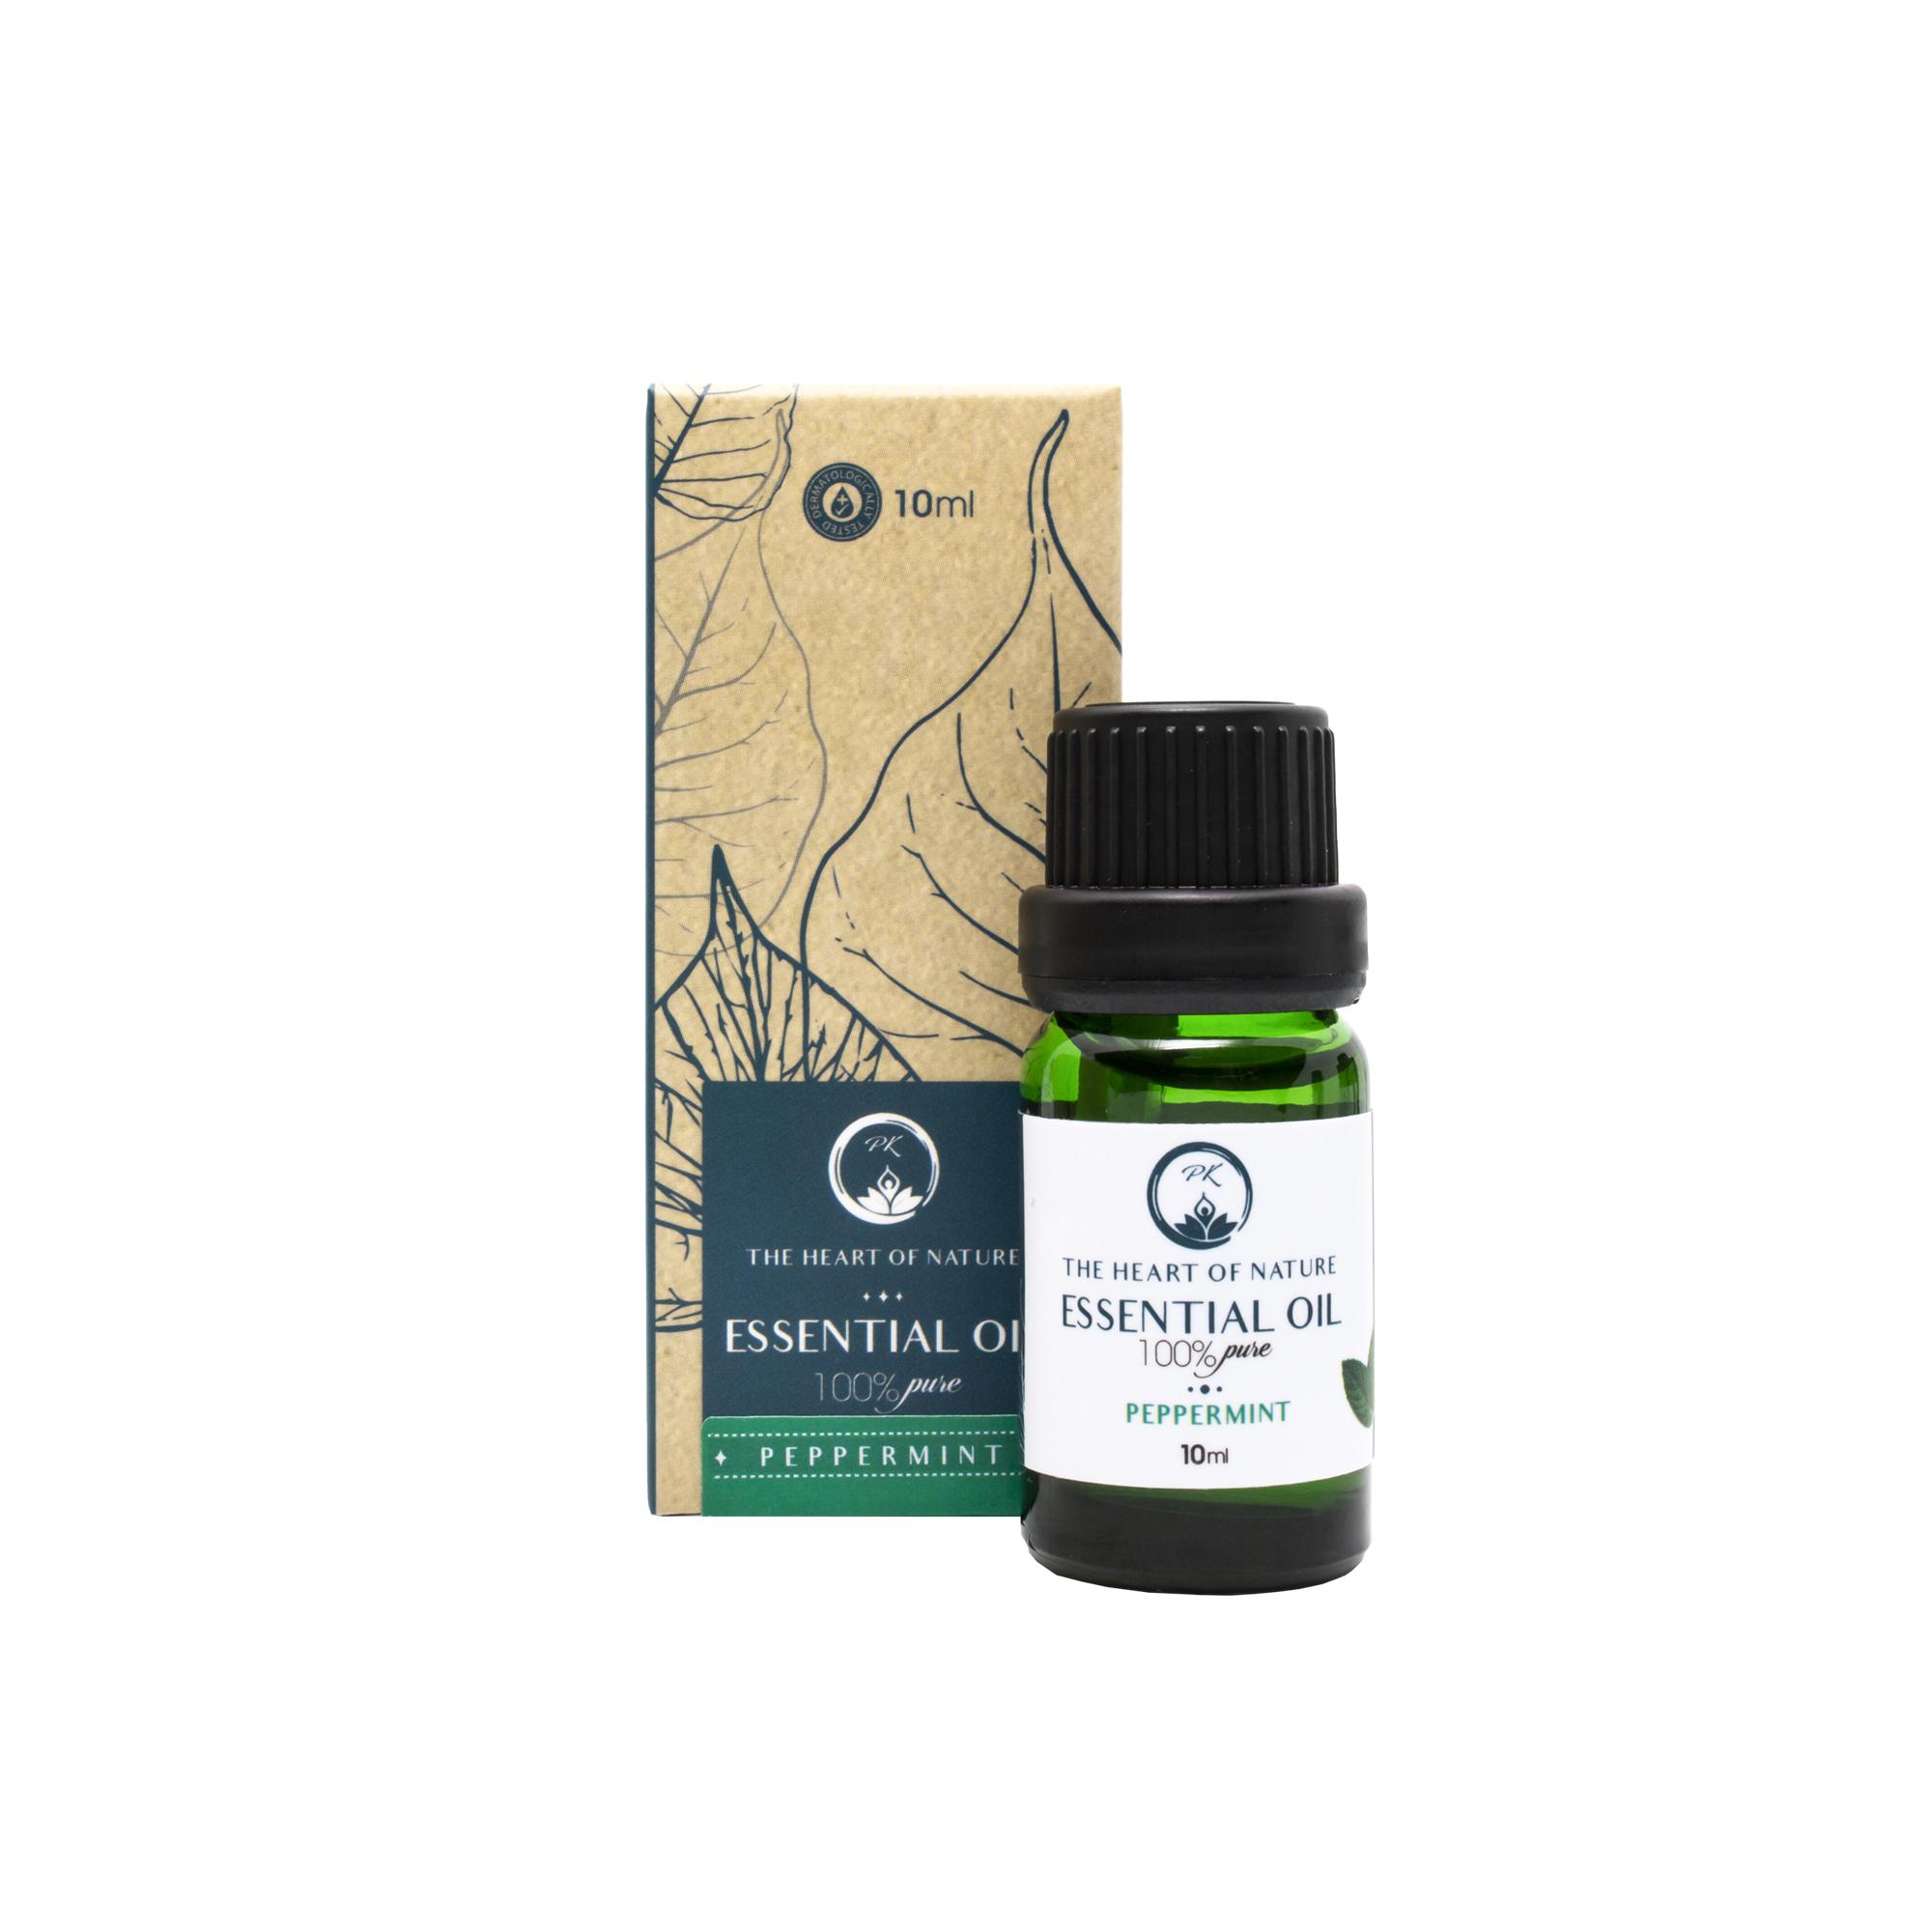 Tinh dầu Bạc hà (Peppermint) PKoils 10ml